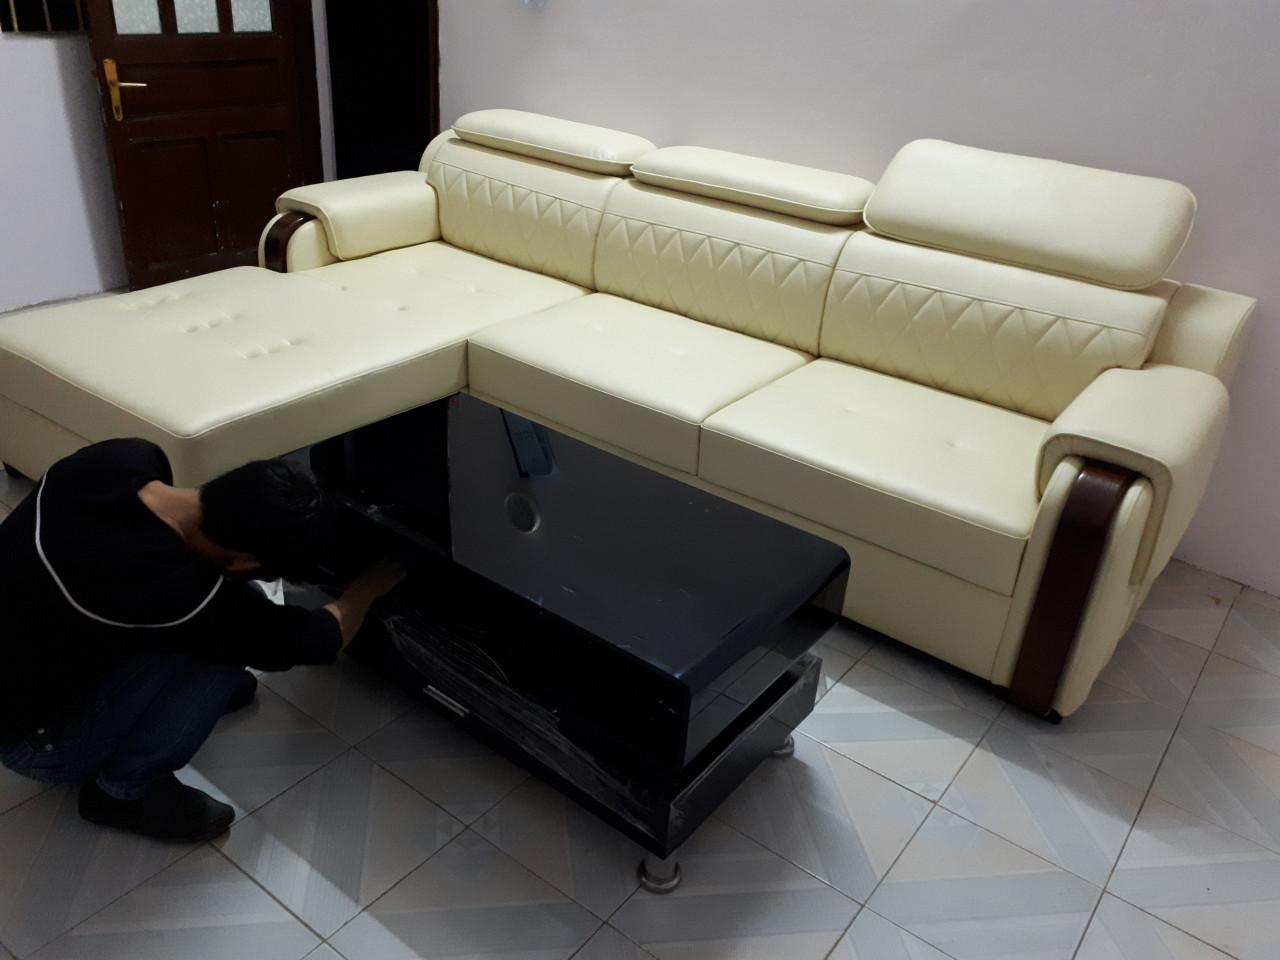 Hình ảnh Mẫu ghế sofa da đẹp AmiA được chụp tại phòng khách nhà khách hàng